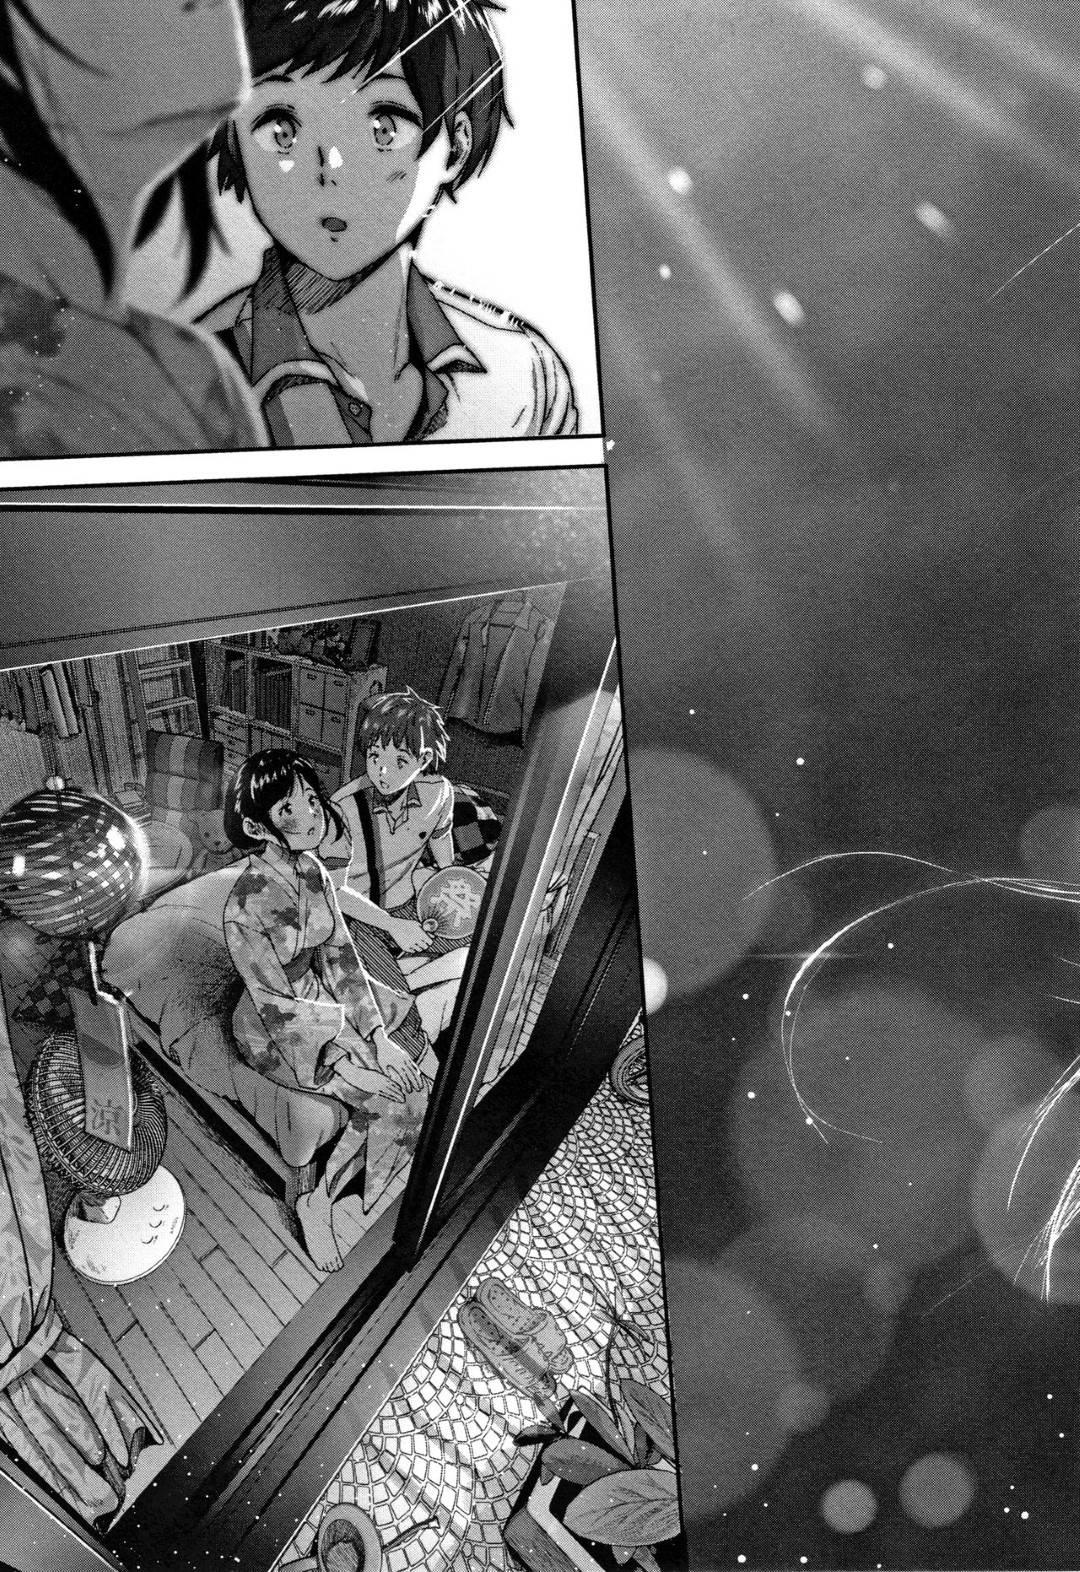 【エロ漫画】夏祭りデート後に彼氏とお泊りする浴衣JK…花火後にすっかり雰囲気の良くなった二人はディープキスし合ってイチャラブセックスに発展。手マンでオマンコをほぐし、正常位で生挿入セックス!【じょろり:夏と純】